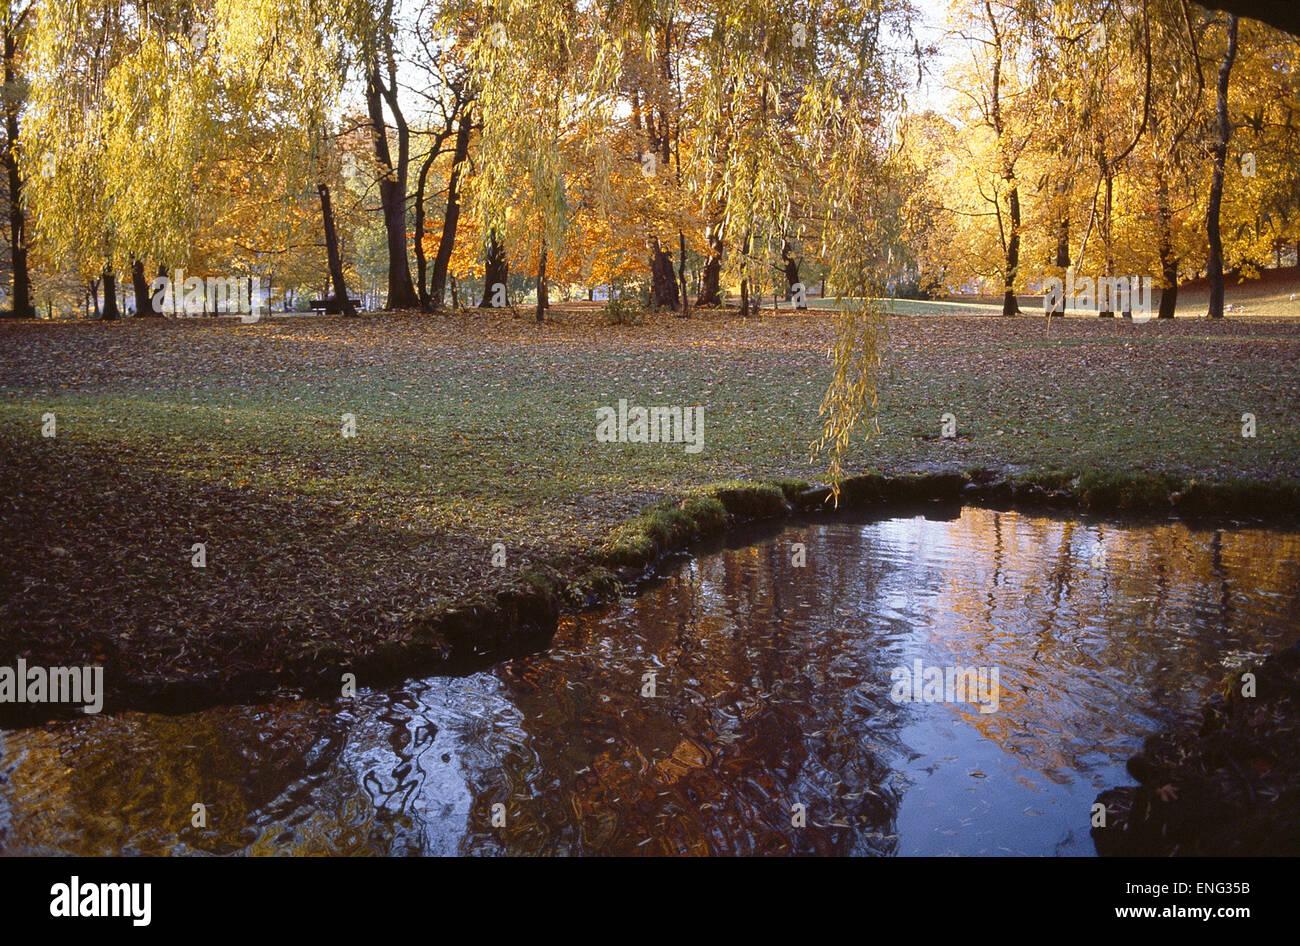 Herbst im Park mit kleinem See - Stock Image